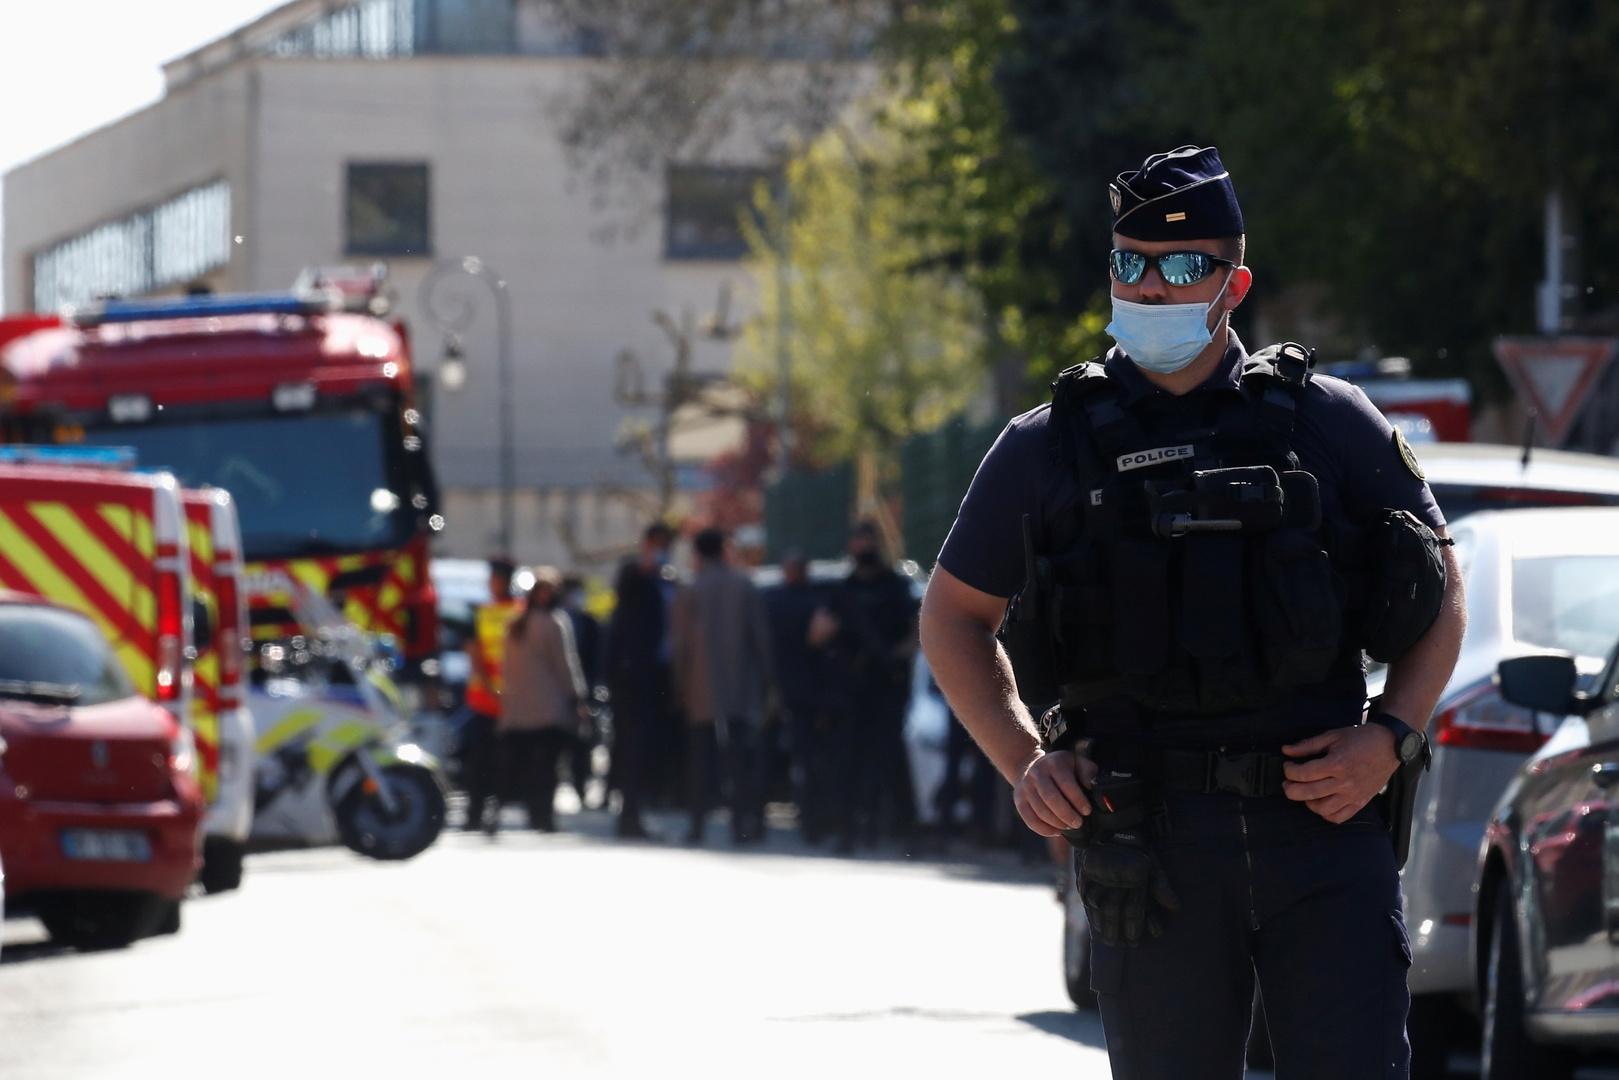 فرنسا.. مقتل رجل طعن شرطية قرب نانت خلال اعتقاله وإصابة ضابطين آخرين